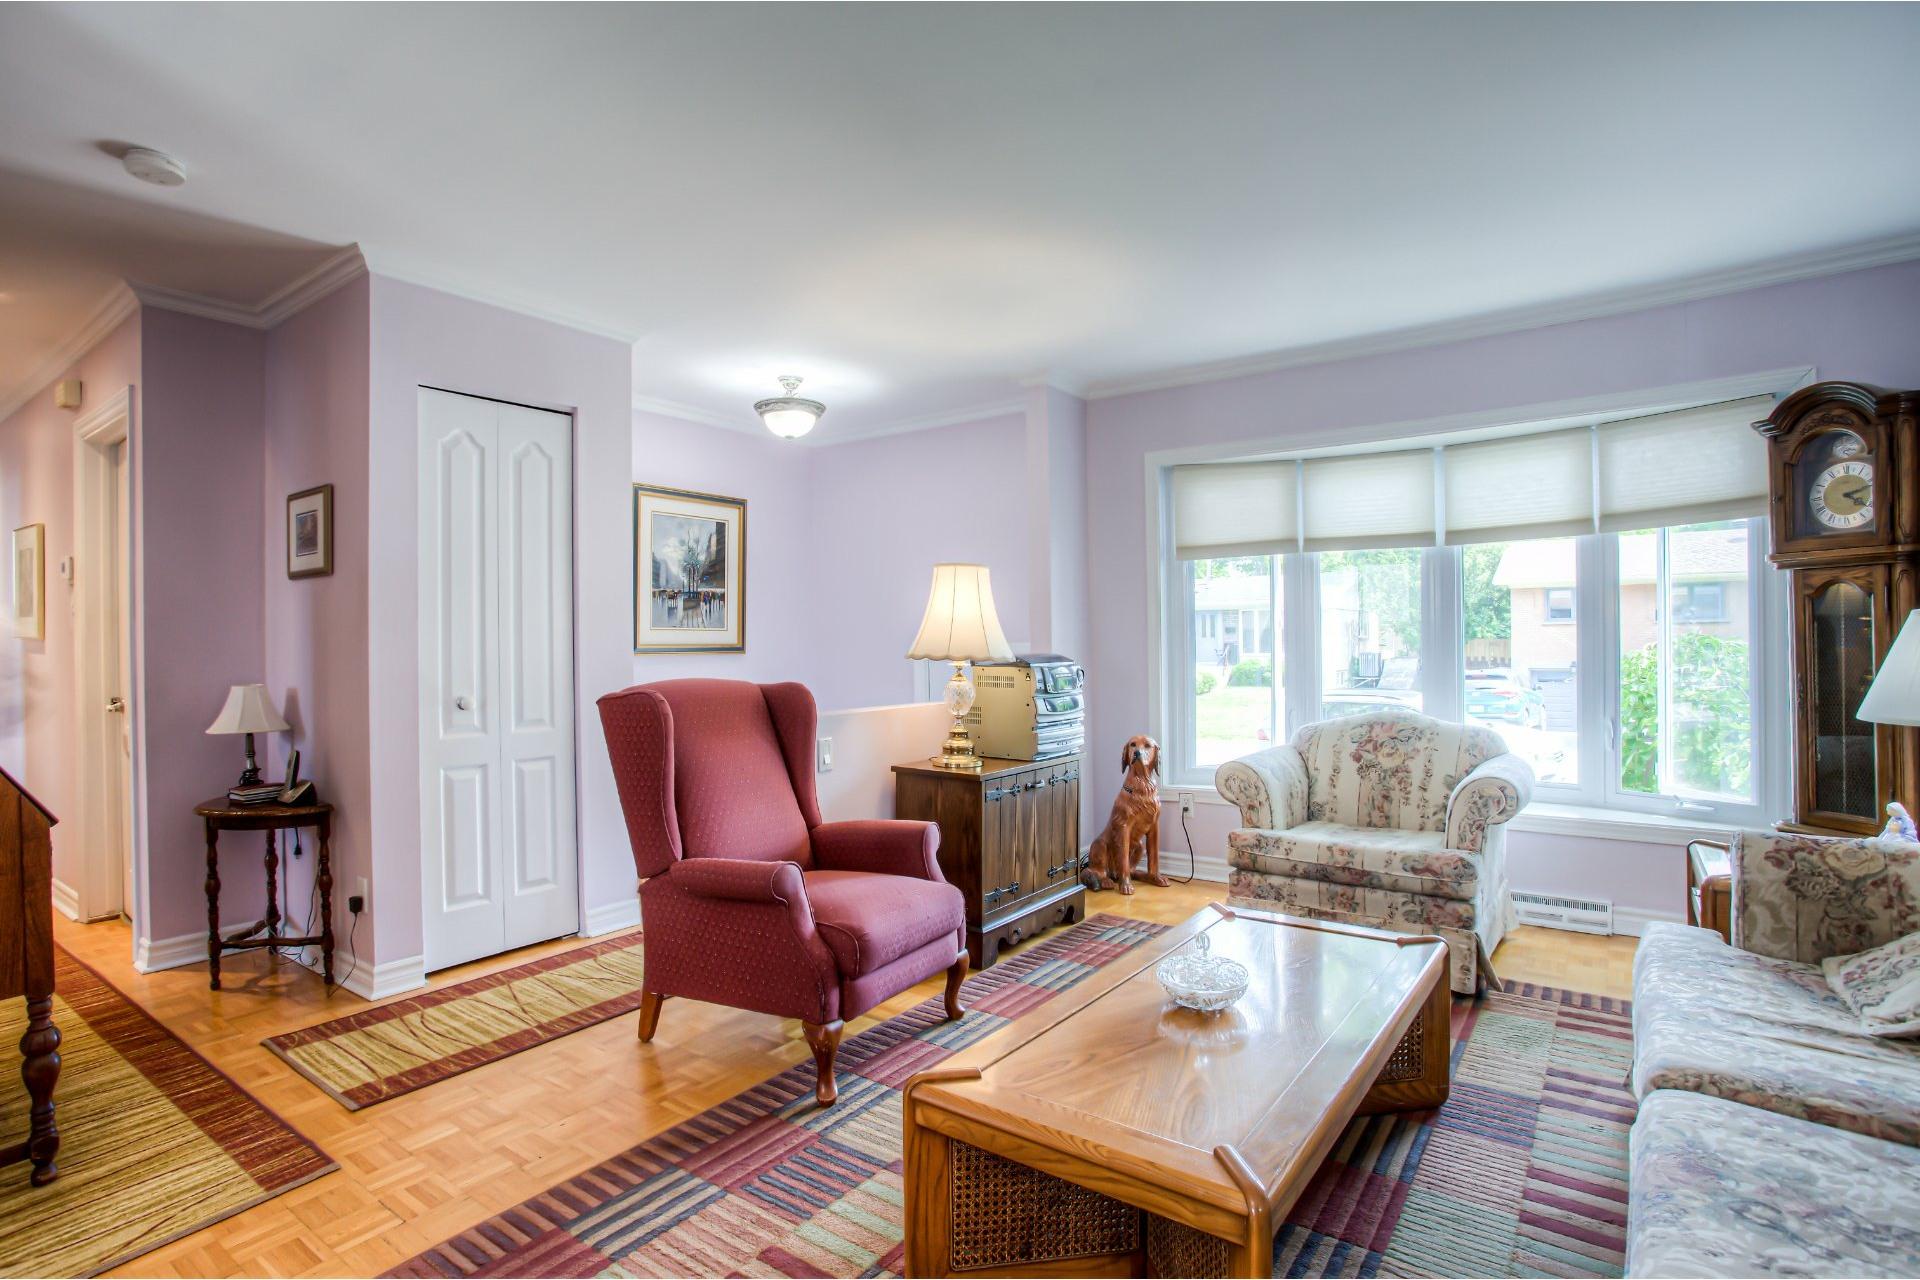 image 2 - Maison À vendre Pierrefonds-Roxboro Montréal  - 10 pièces